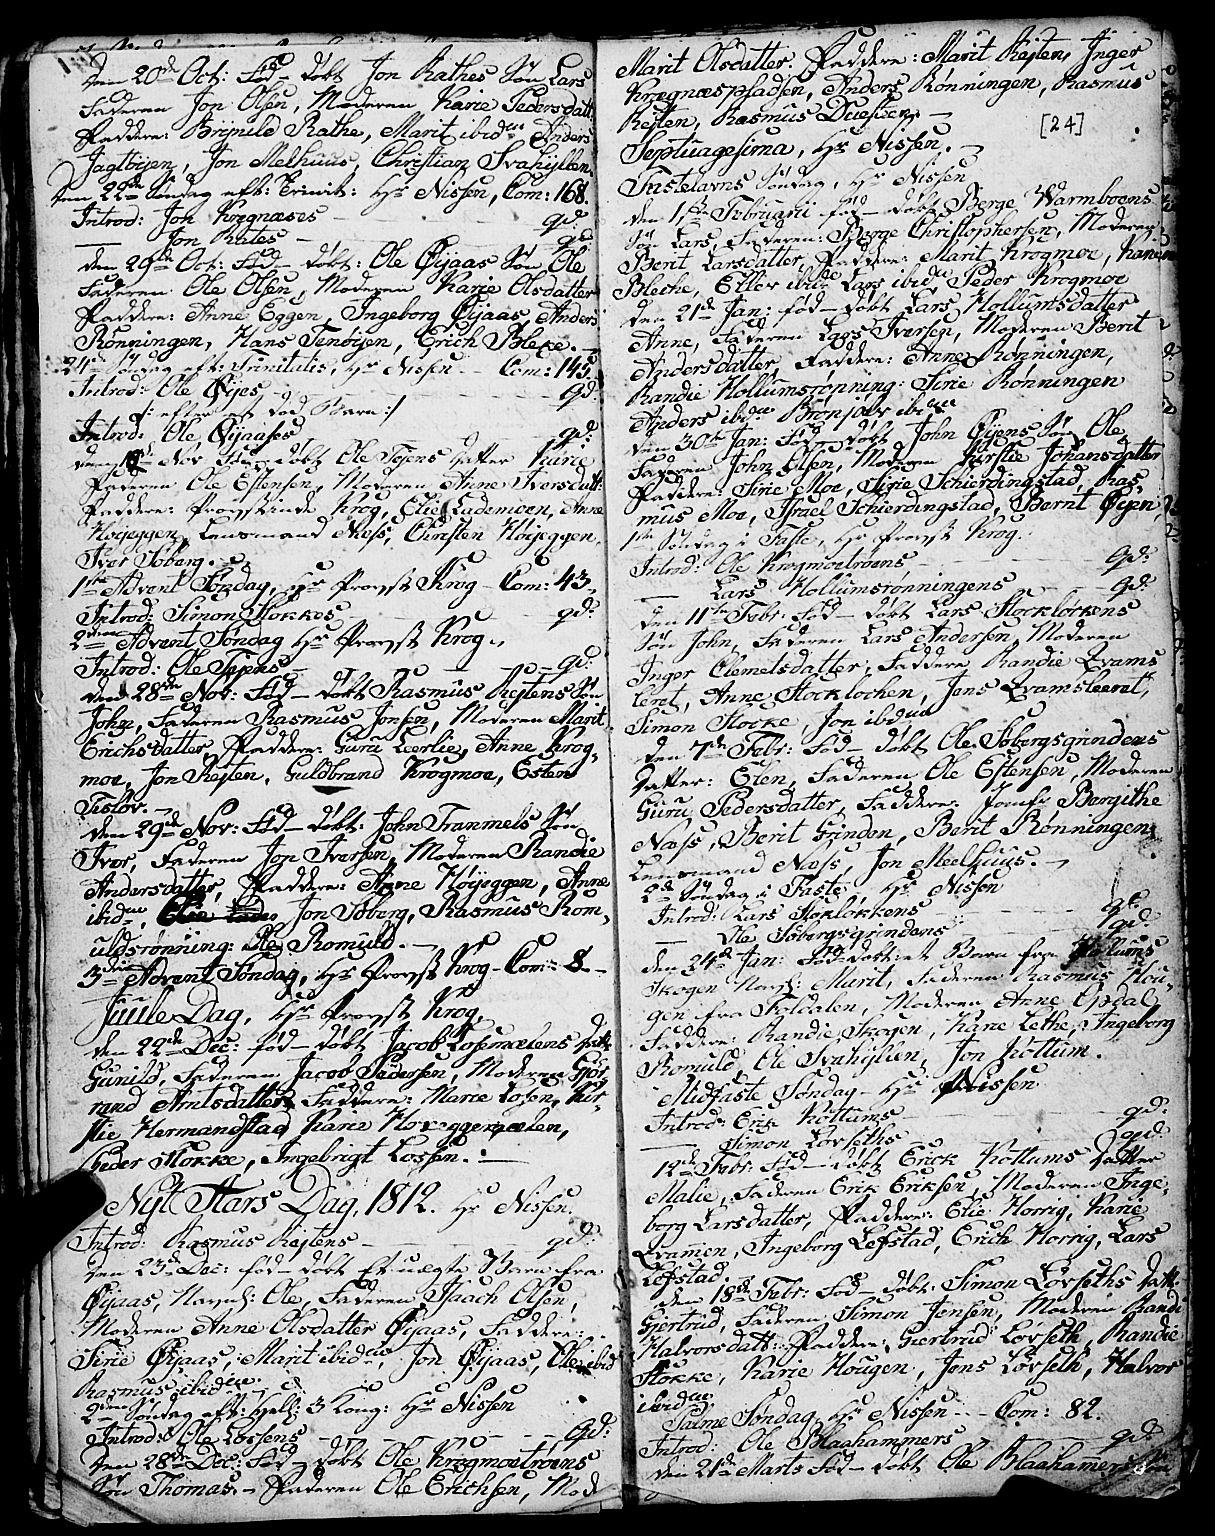 SAT, Ministerialprotokoller, klokkerbøker og fødselsregistre - Sør-Trøndelag, 691/L1091: Klokkerbok nr. 691C02, 1802-1815, s. 24